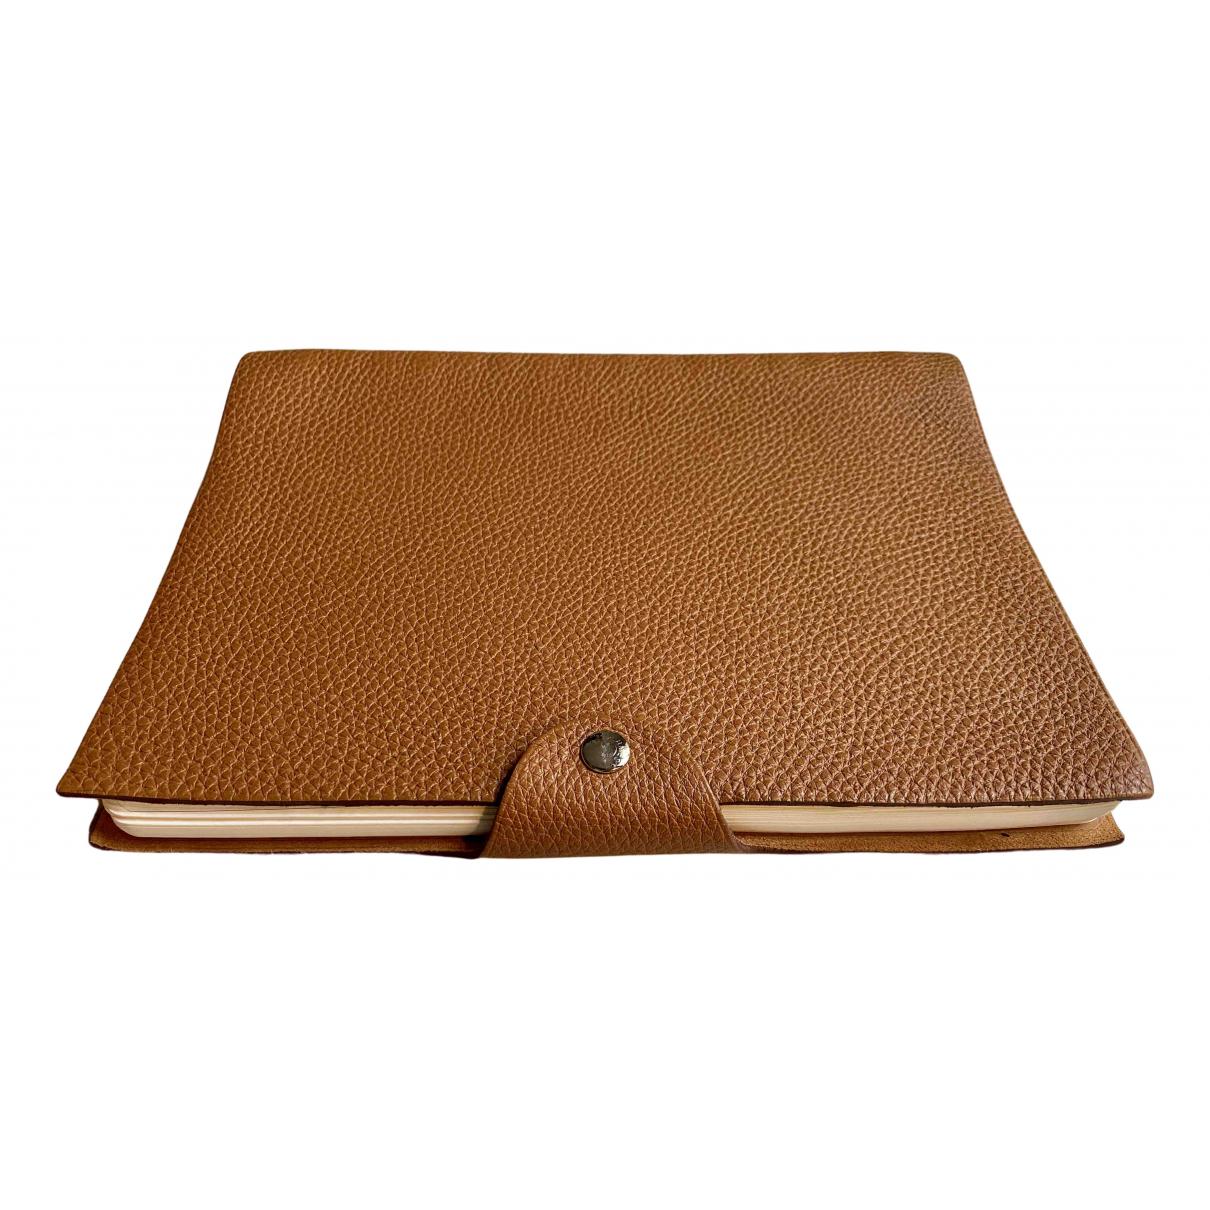 Hermes - Objets & Deco Ulysse MM pour lifestyle en cuir - marron